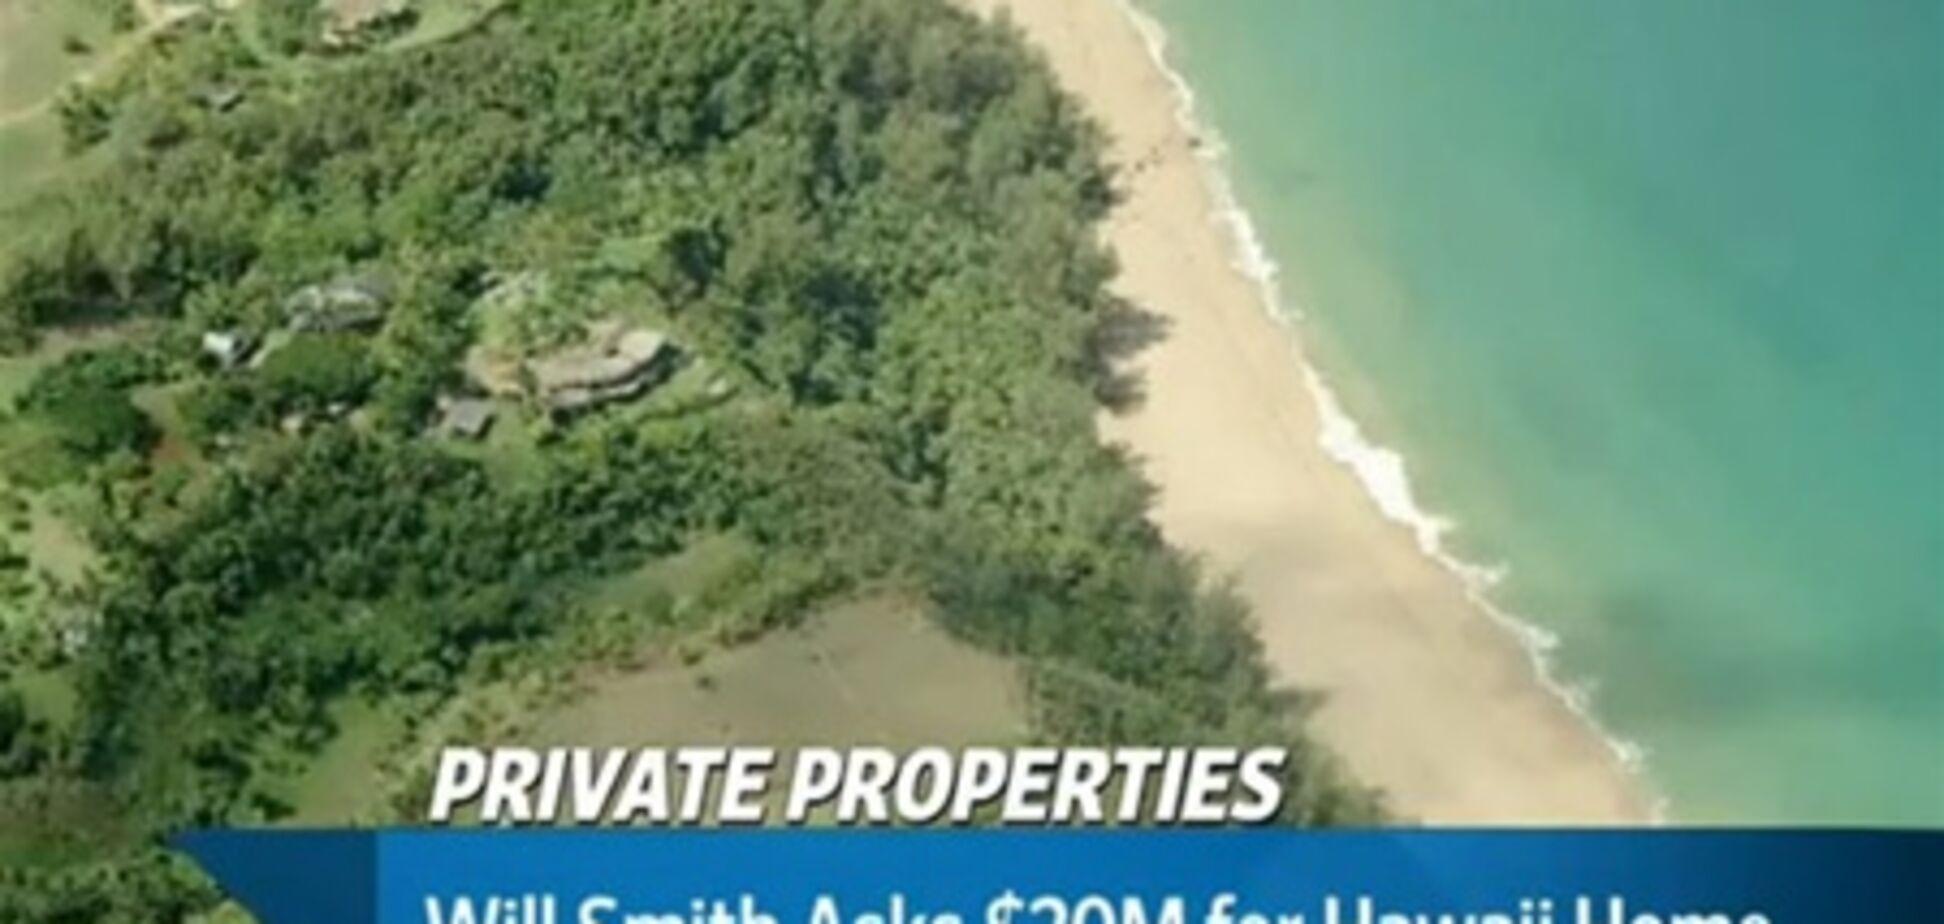 Російський мільярдер купив будинок на Гаваях у Уілла Сміта